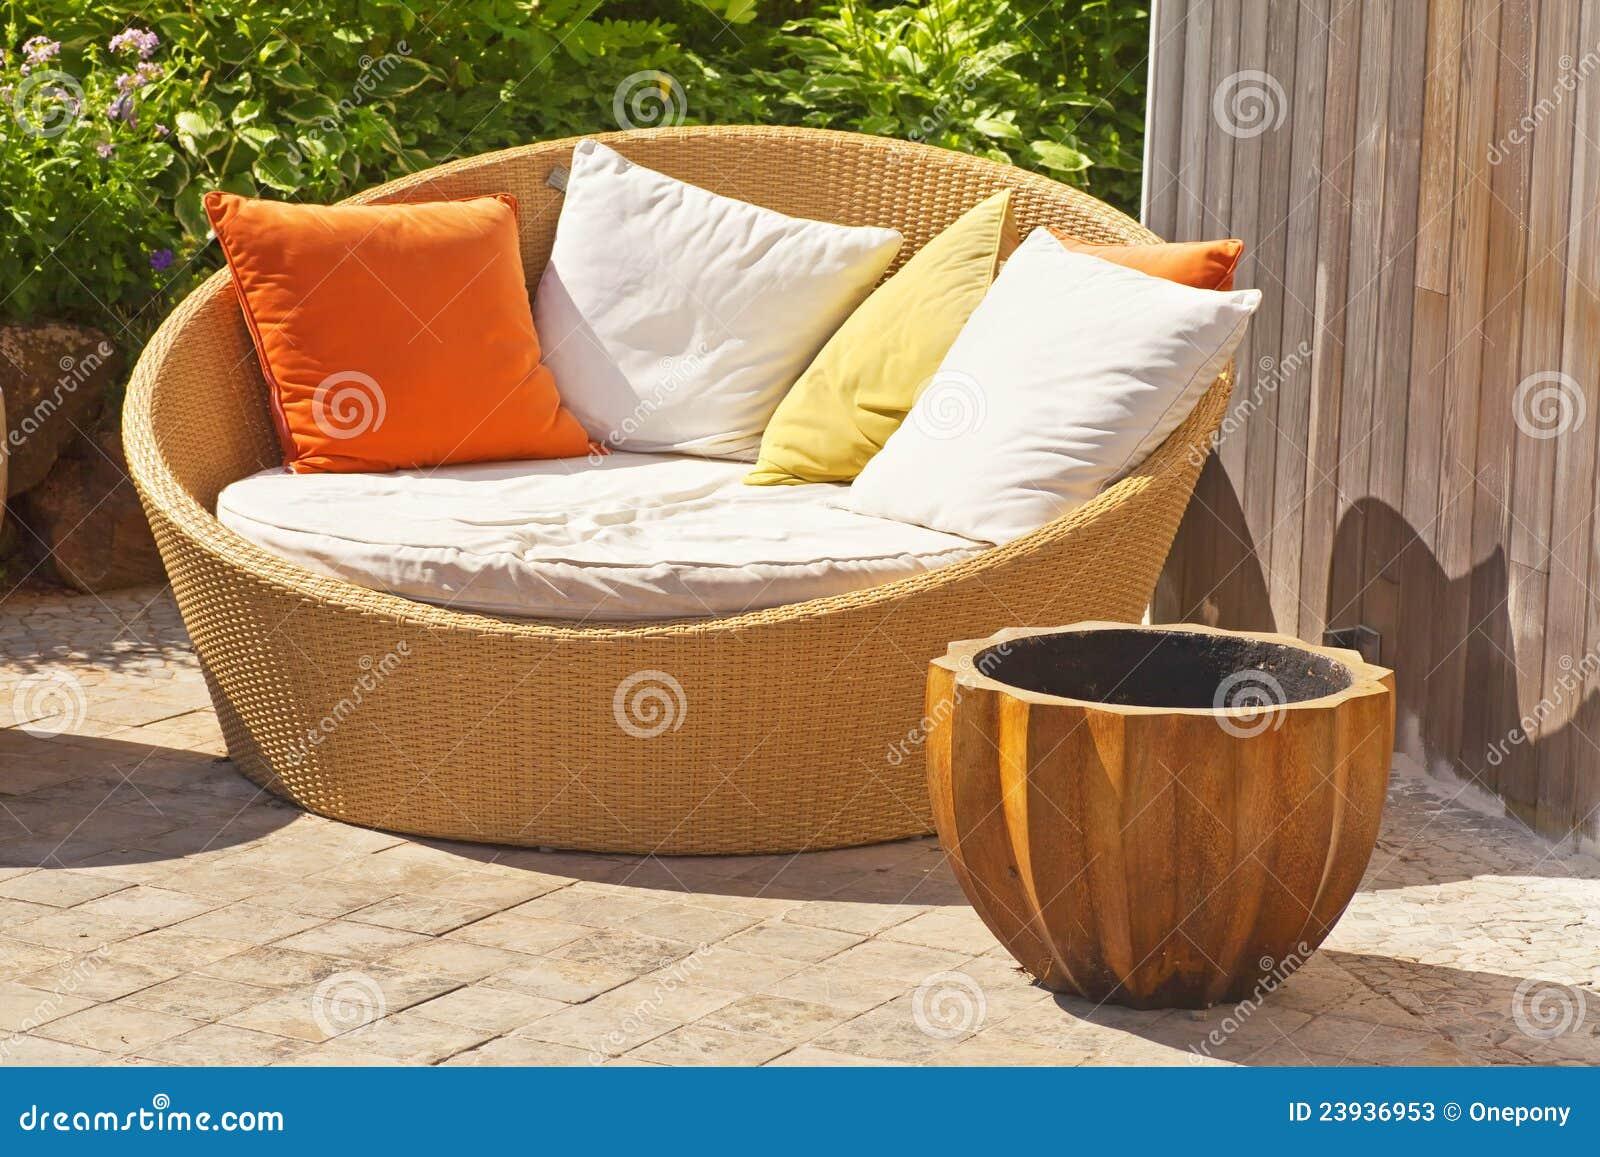 Het rieten meubilair van de tuin stock foto 39 s afbeelding 23936953 - Meubilair van de ingang spiegel ...